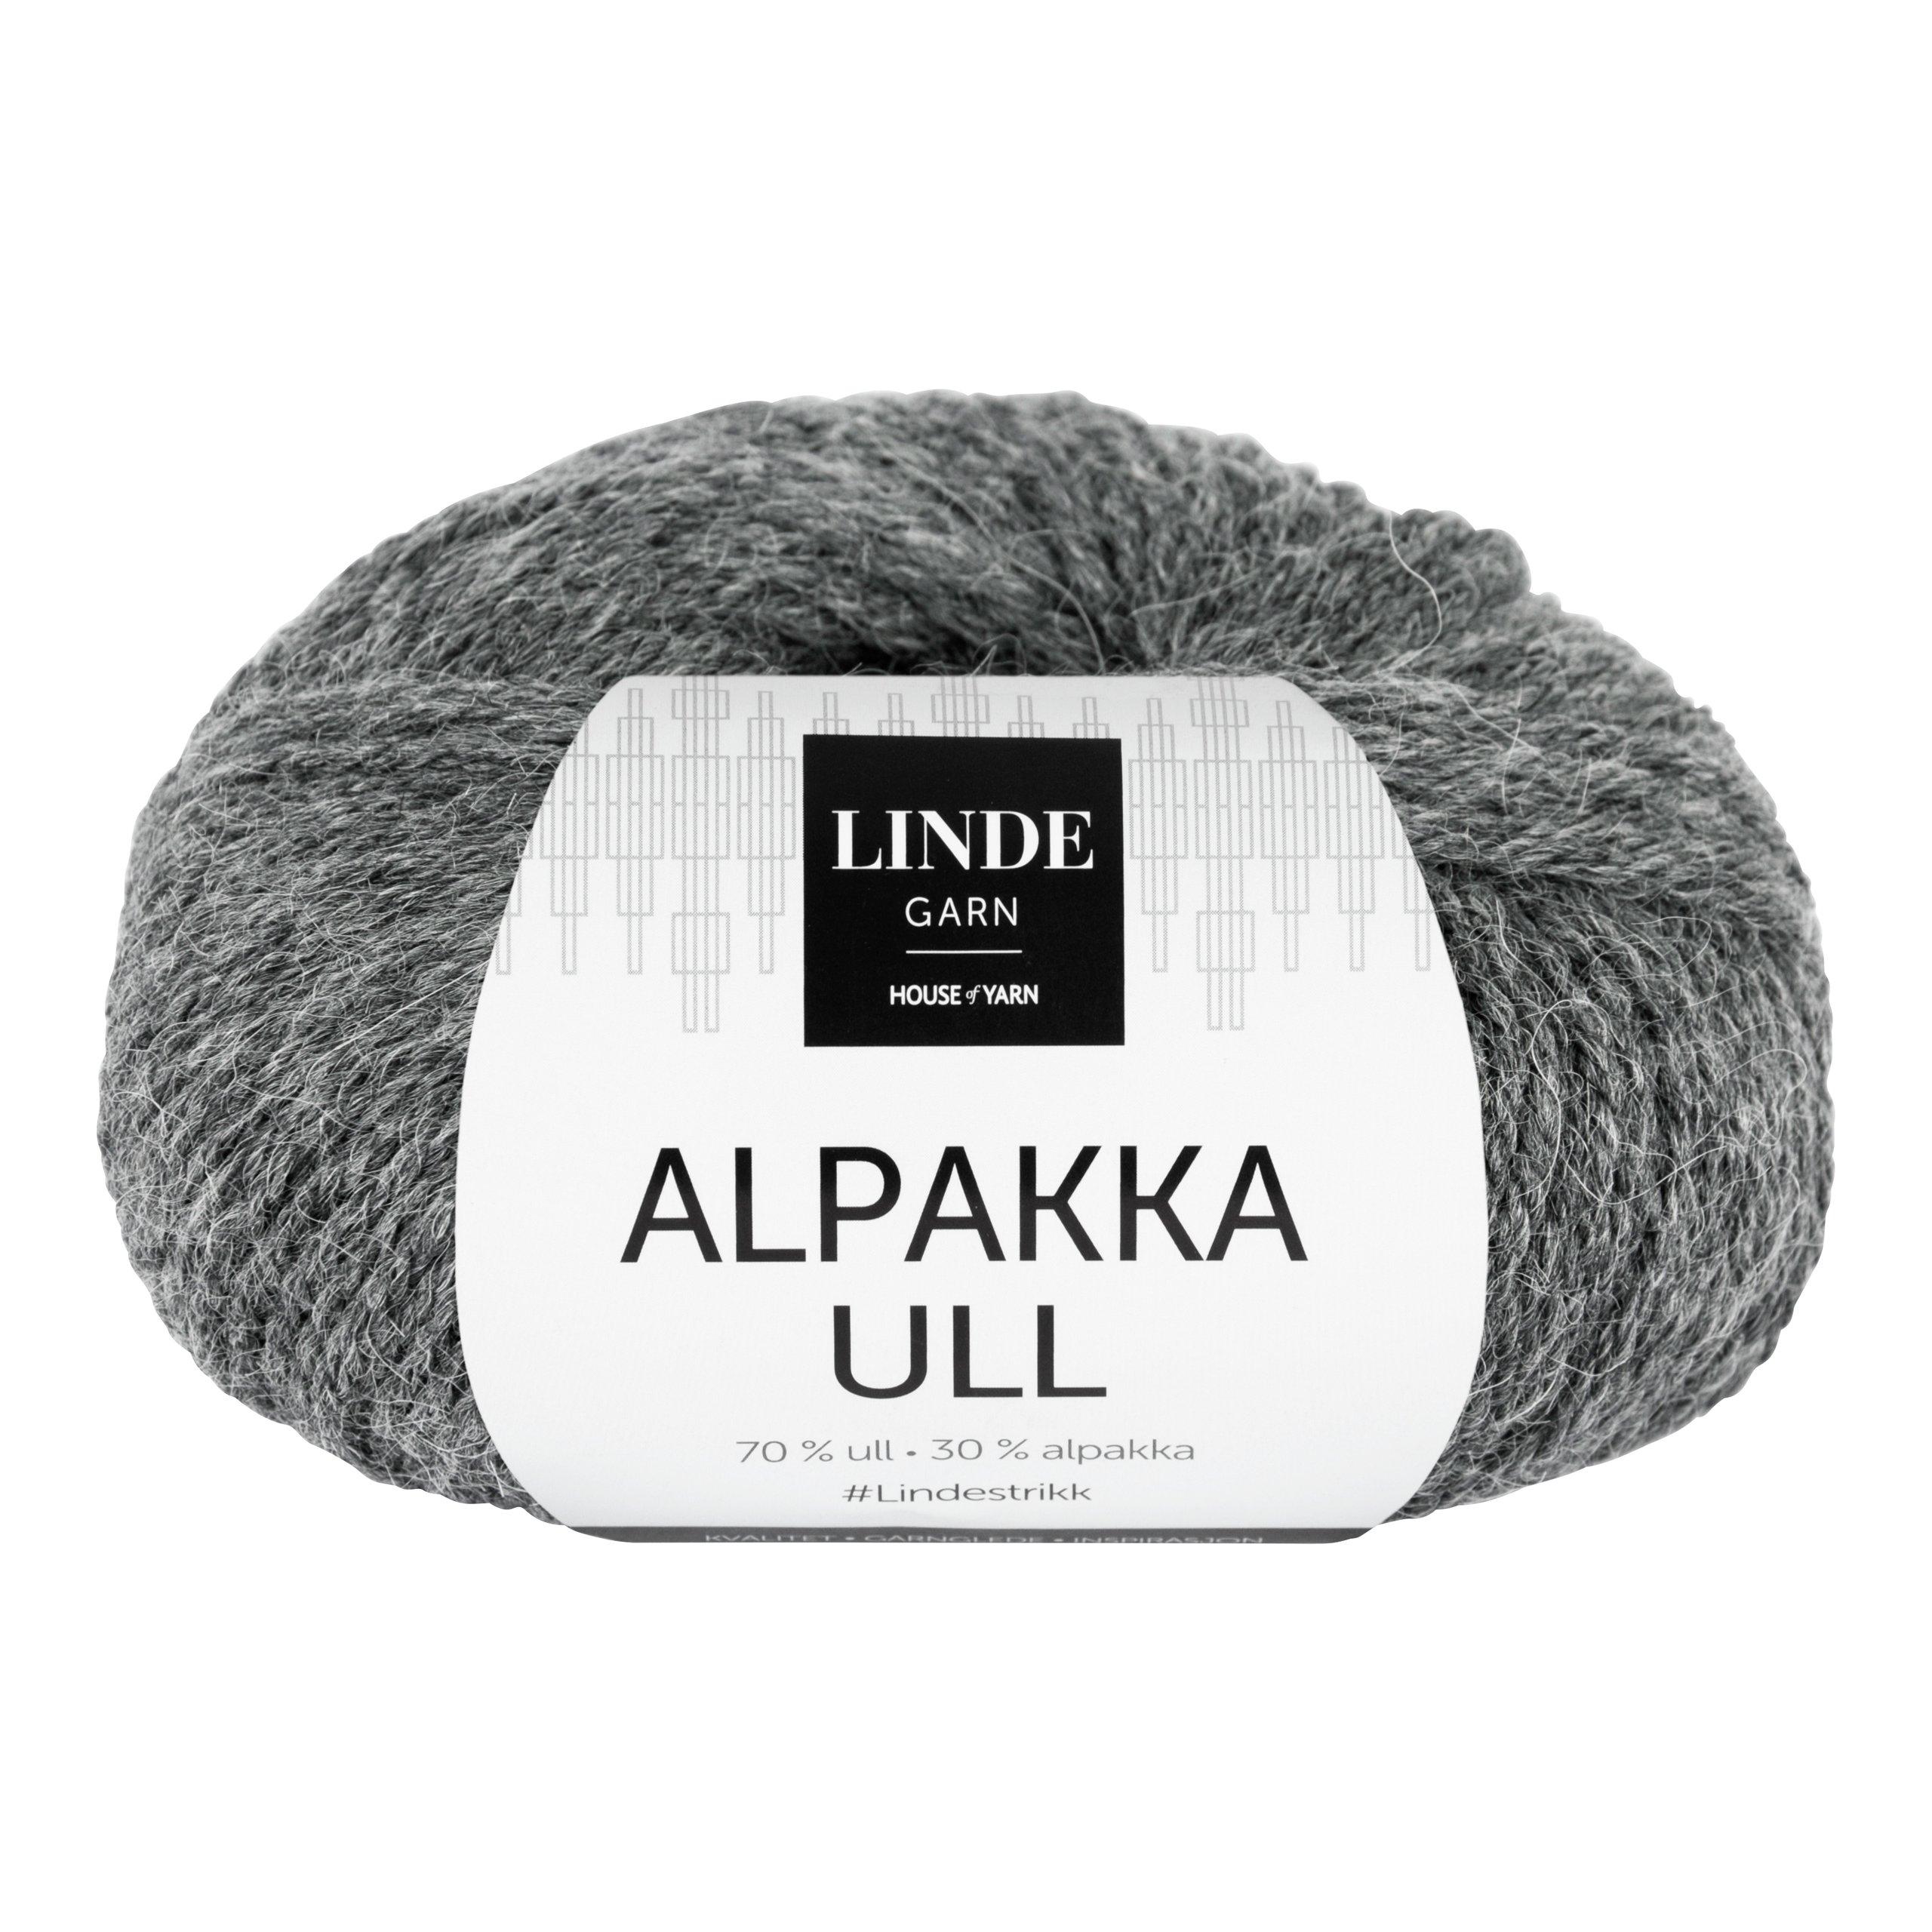 LINDE ALPAKKAULL 402 MØRK GRÅ-GAR5402